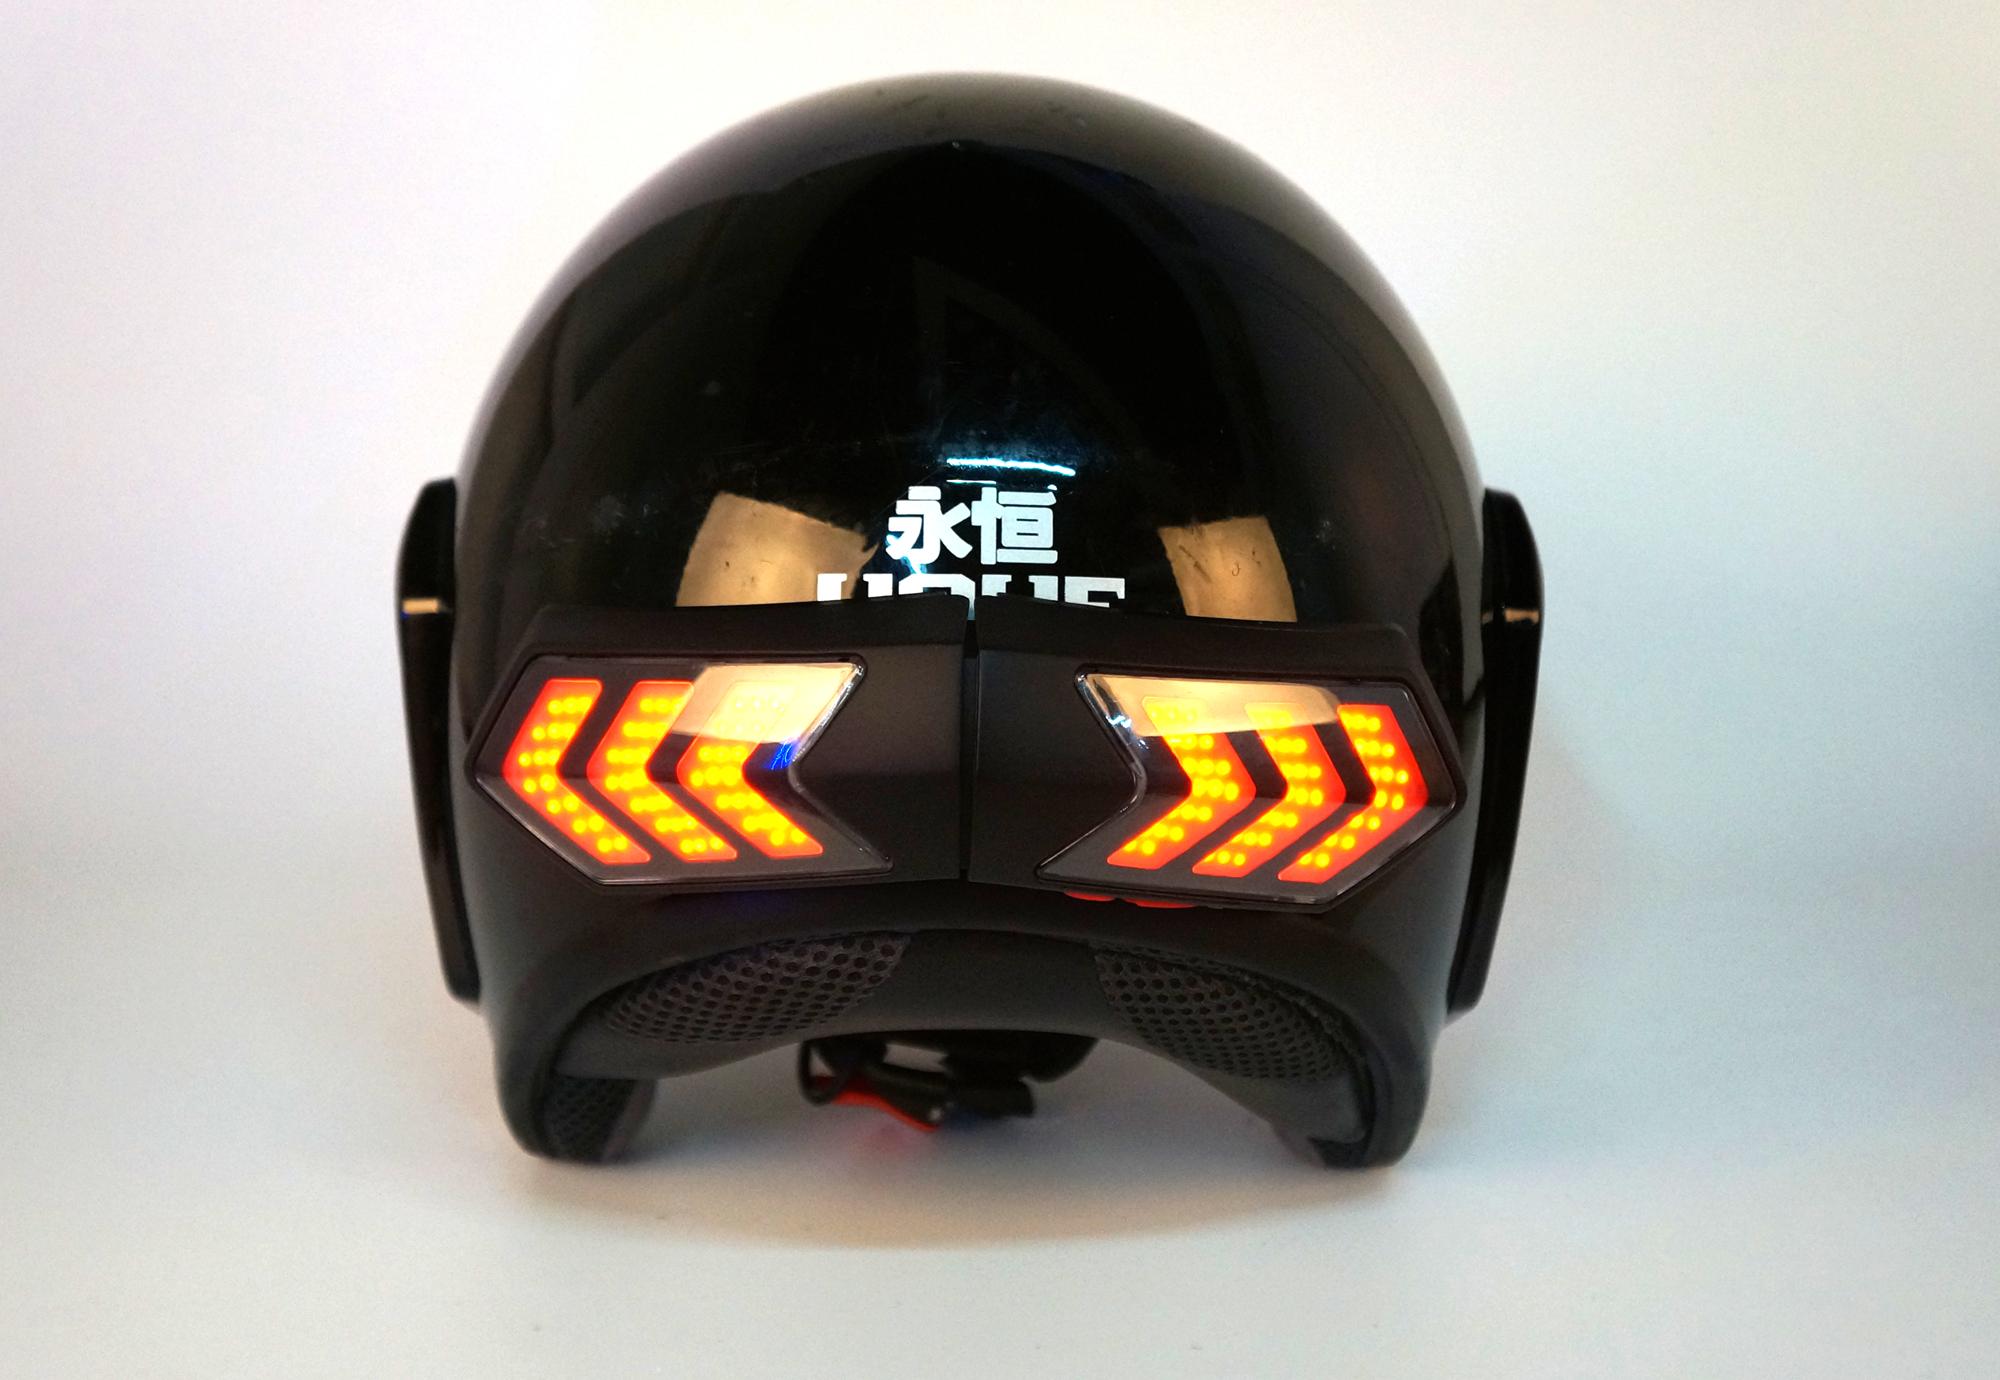 进口大容量锂电池,满电后自动停充,产品弧面完全紧贴头盔,与头盔一体